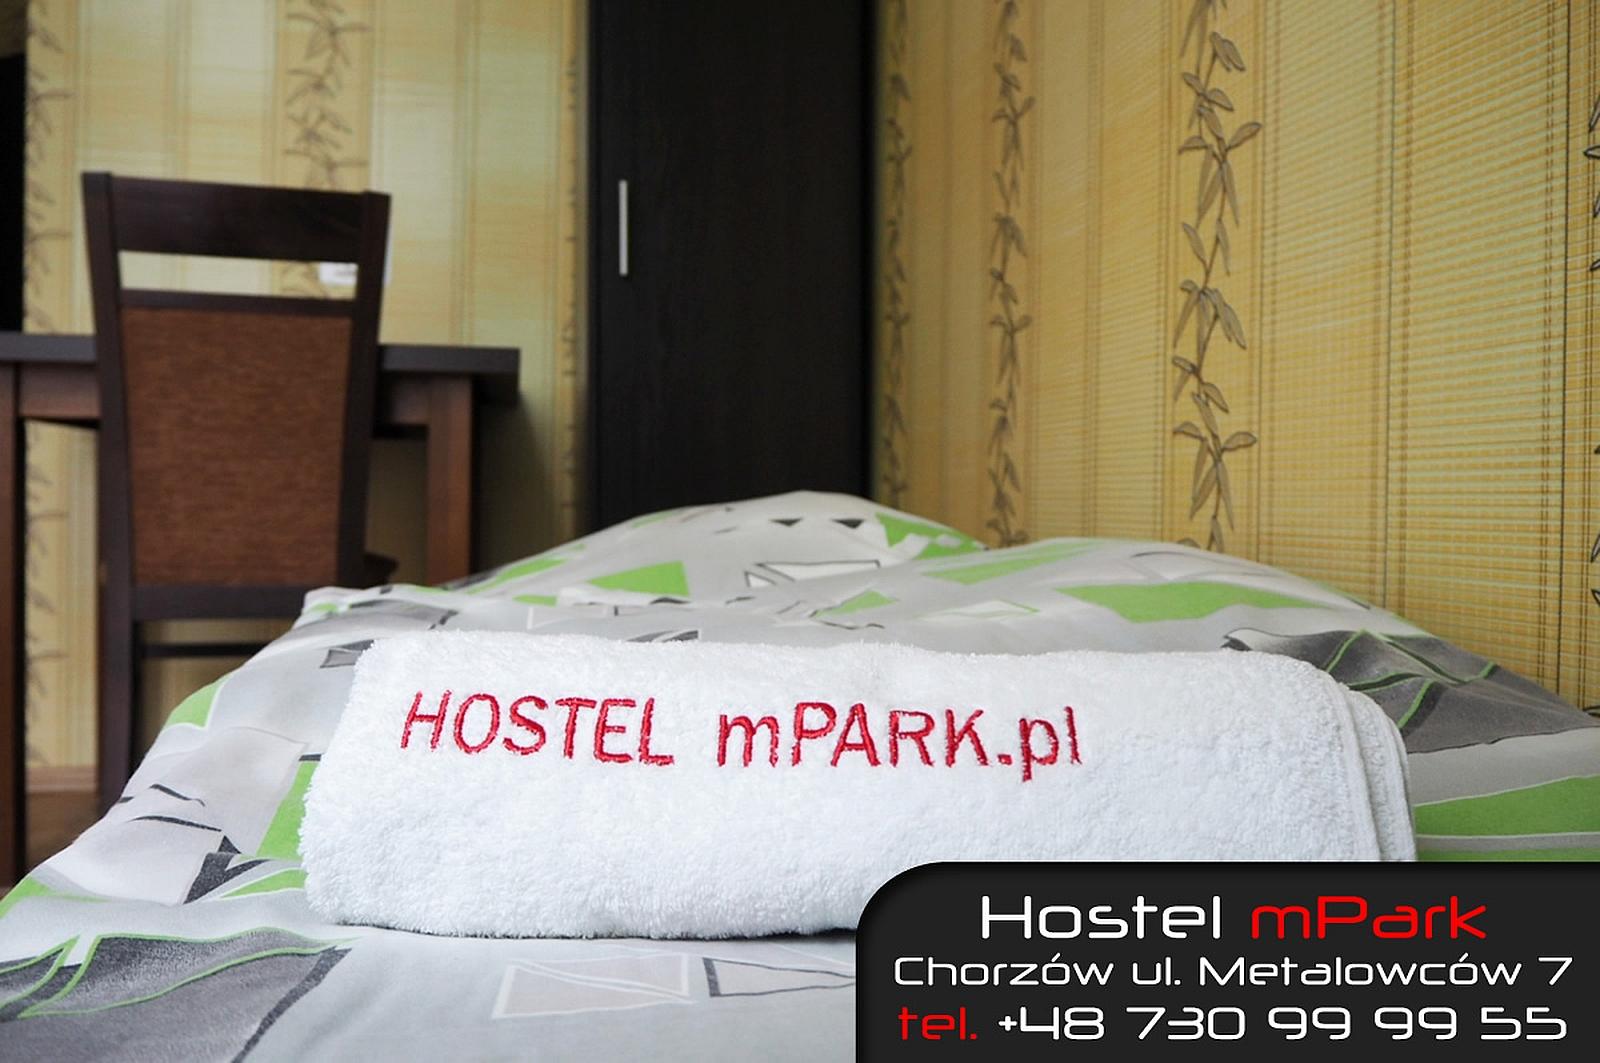 HostelmPark Noclegi Chorzów